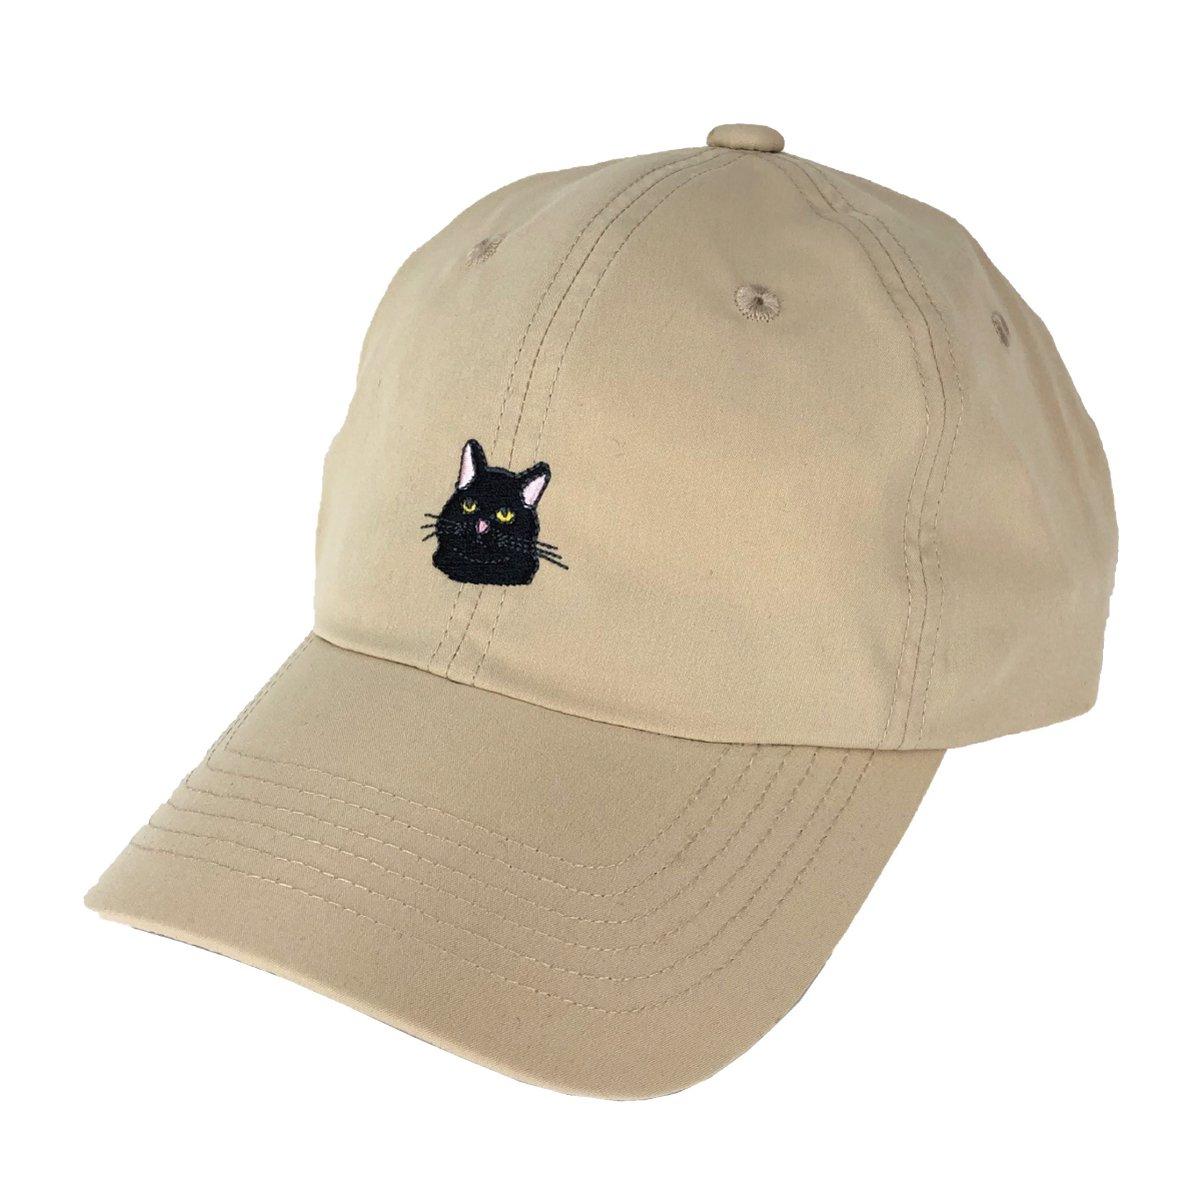 My Buddy Cat Cap 詳細画像5